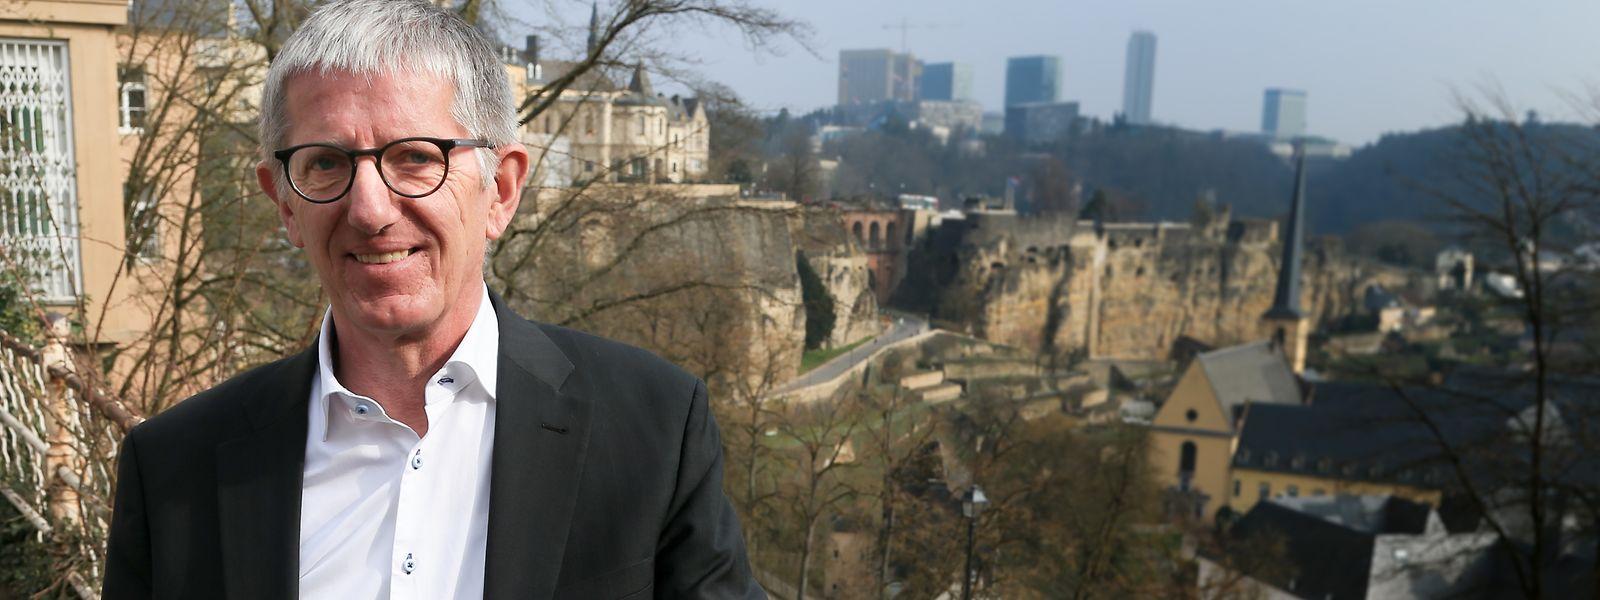 Claude Adam verlässt Mitte April die Nationalpolitik für einen Job in der Lehrerausbildung an der Uni Luxemburg.